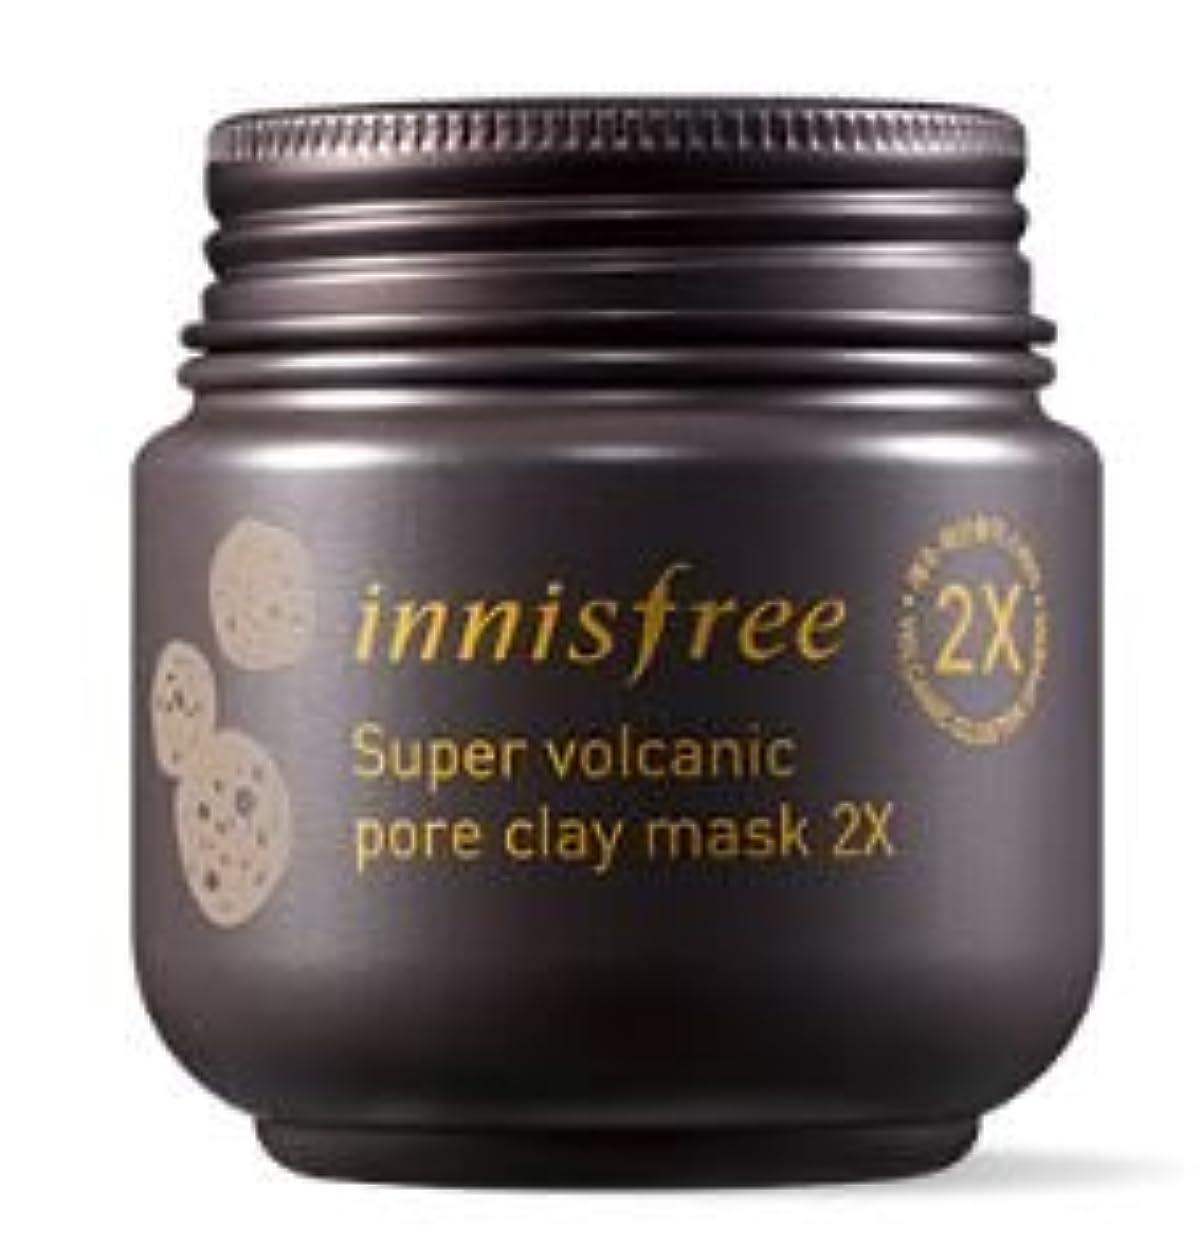 グラフィック崇拝する隠された★NEW★[innisfree] Super Volcanic Pore Clay Mask 2x 100ml [並行輸入品]